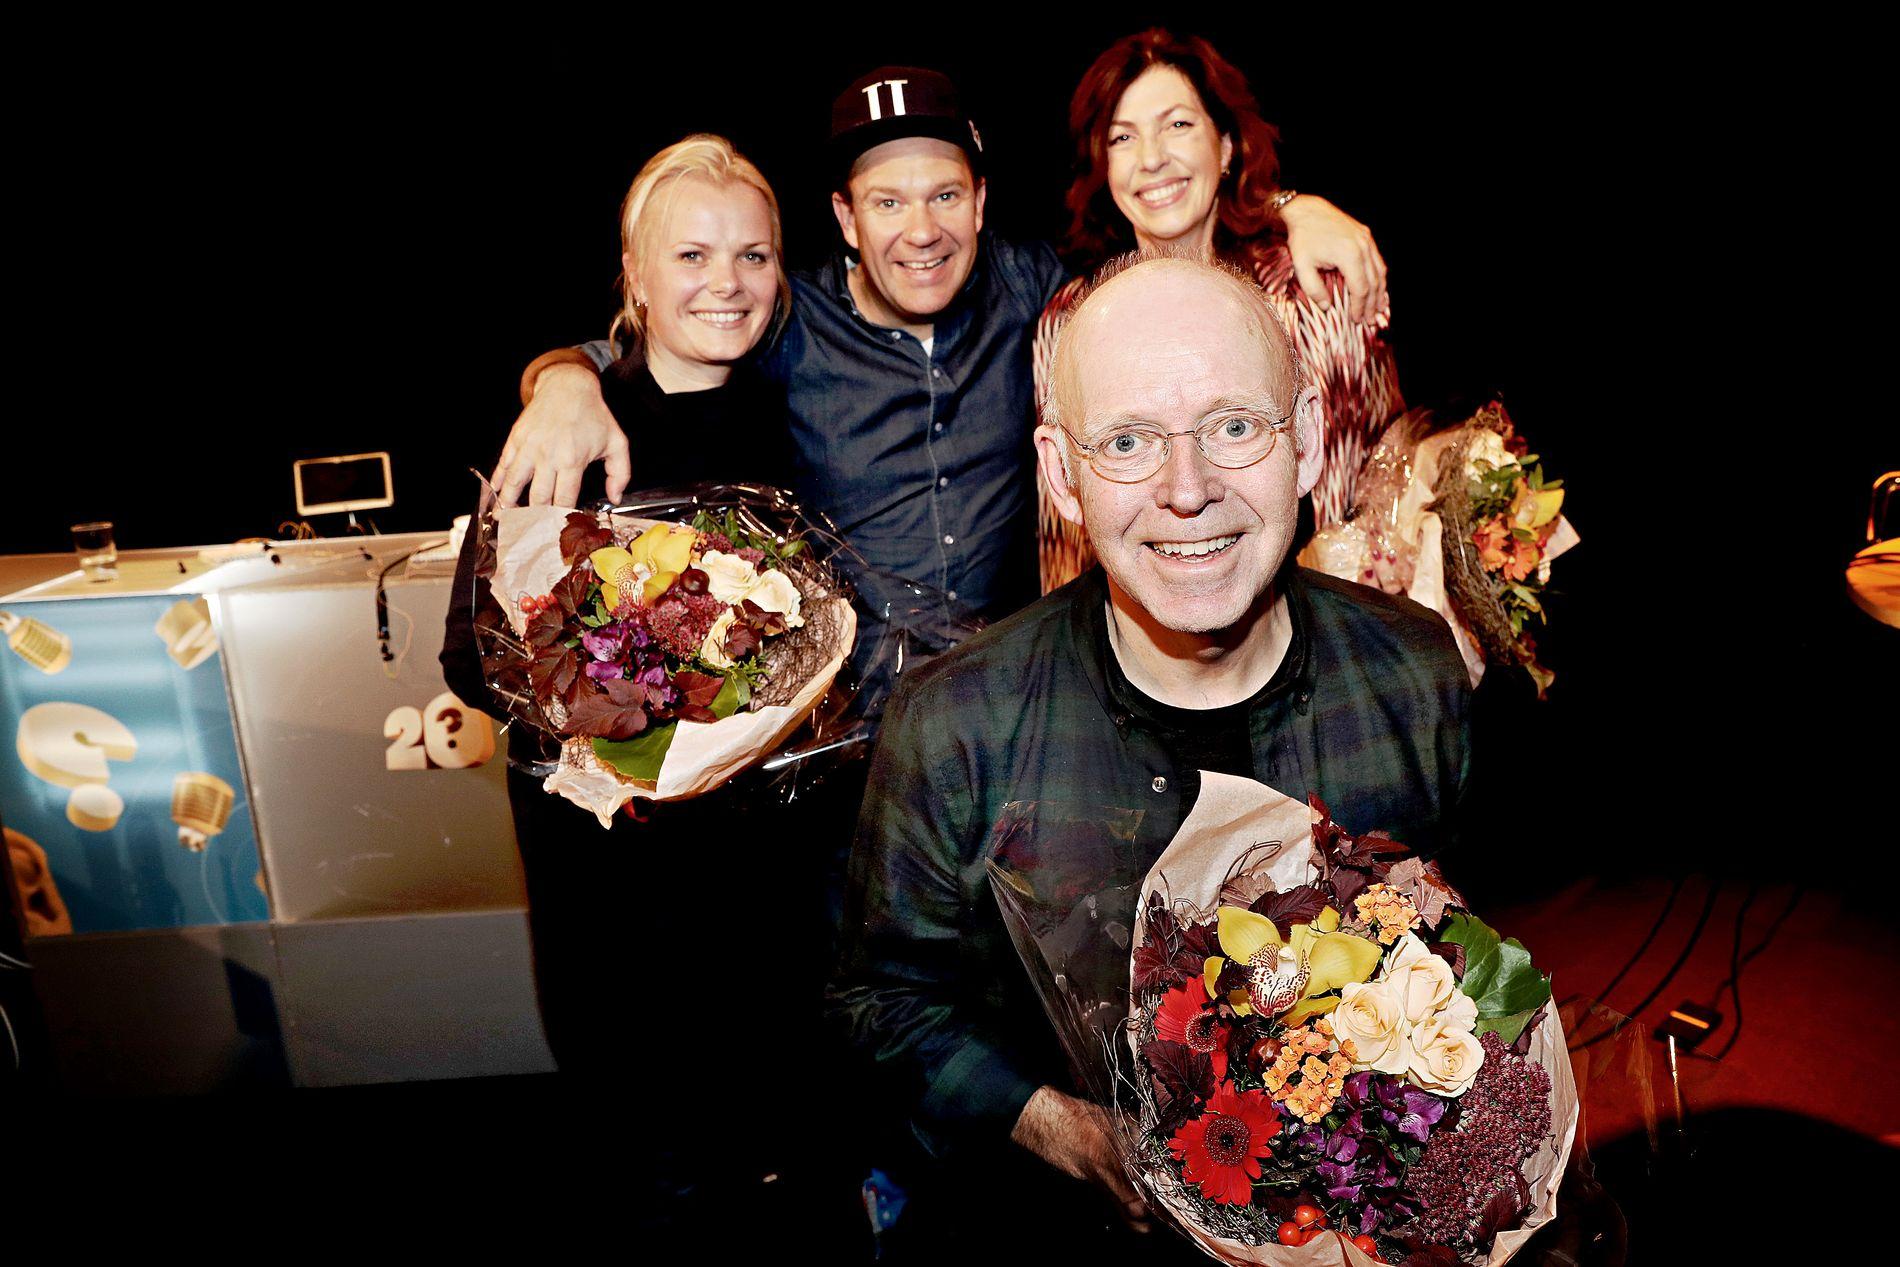 BLE TAKKET AV: Ingrid Gjessing Linhave, Bjarte Hjelmeland, Helén Vikstvedt og Trond-Viggo Torgersen har akkurat spilt inn de siste to episodene av «20 spørsmål».